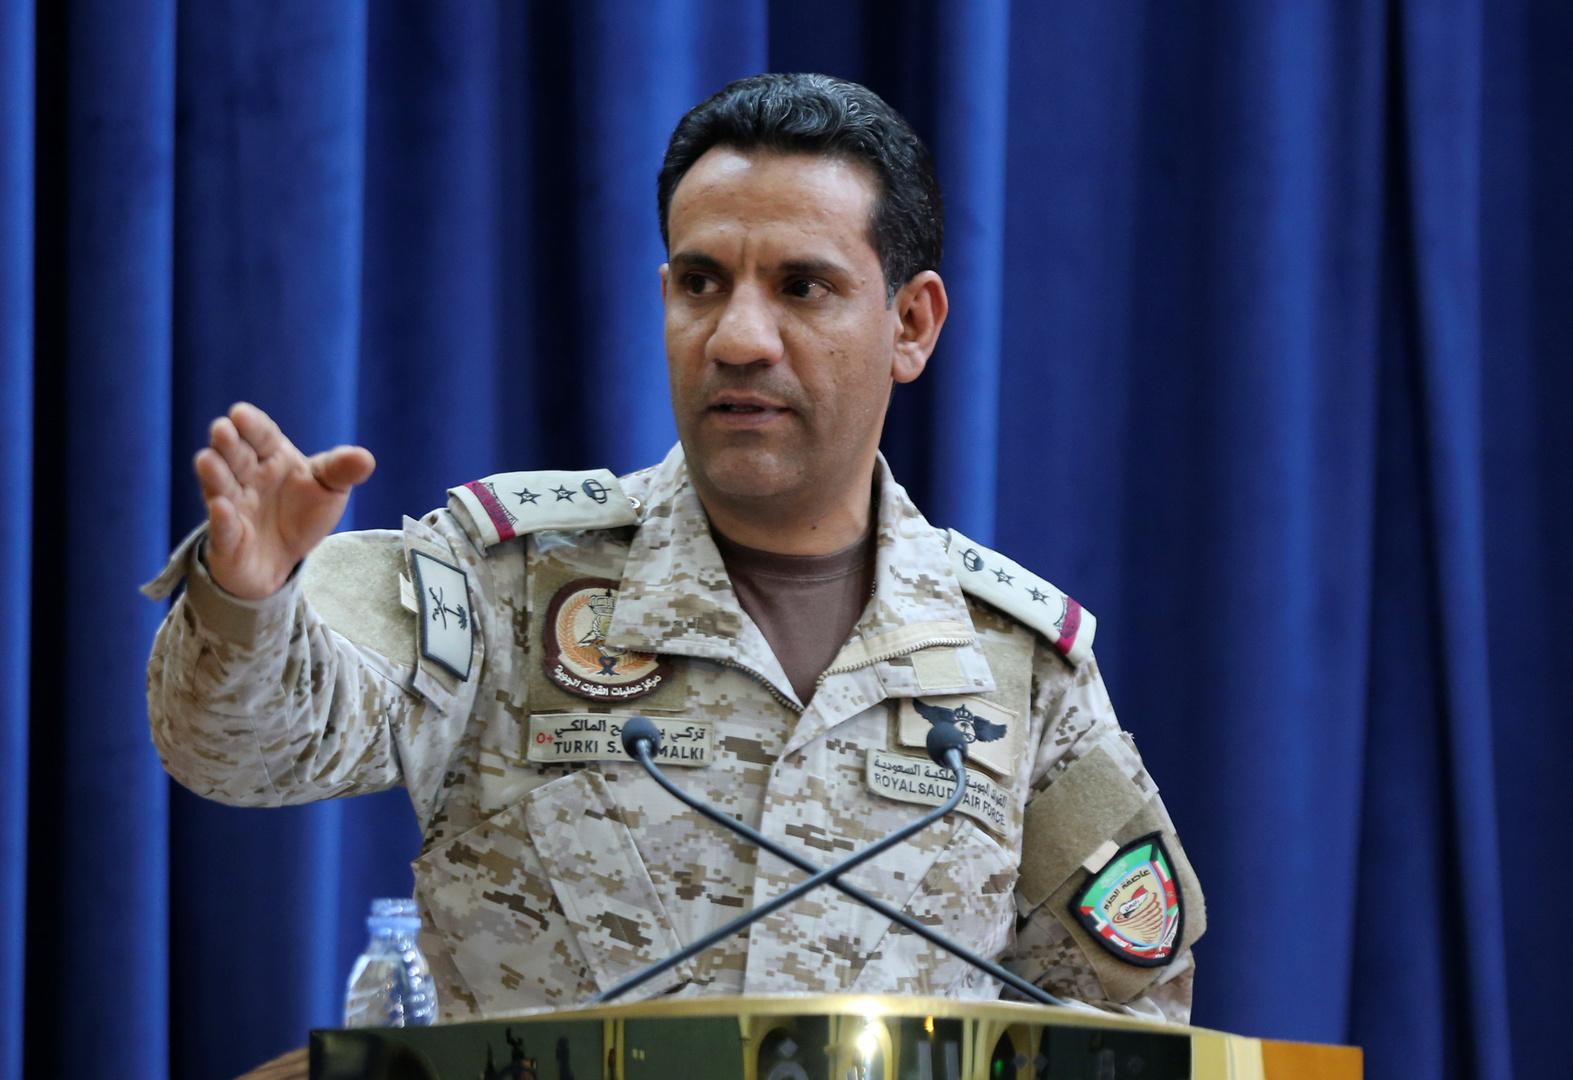 أعلن التحالف العربي اعتراض وتدمير طائرتين مسيرتين أطلقهما الحوثيون تجاه السعودية